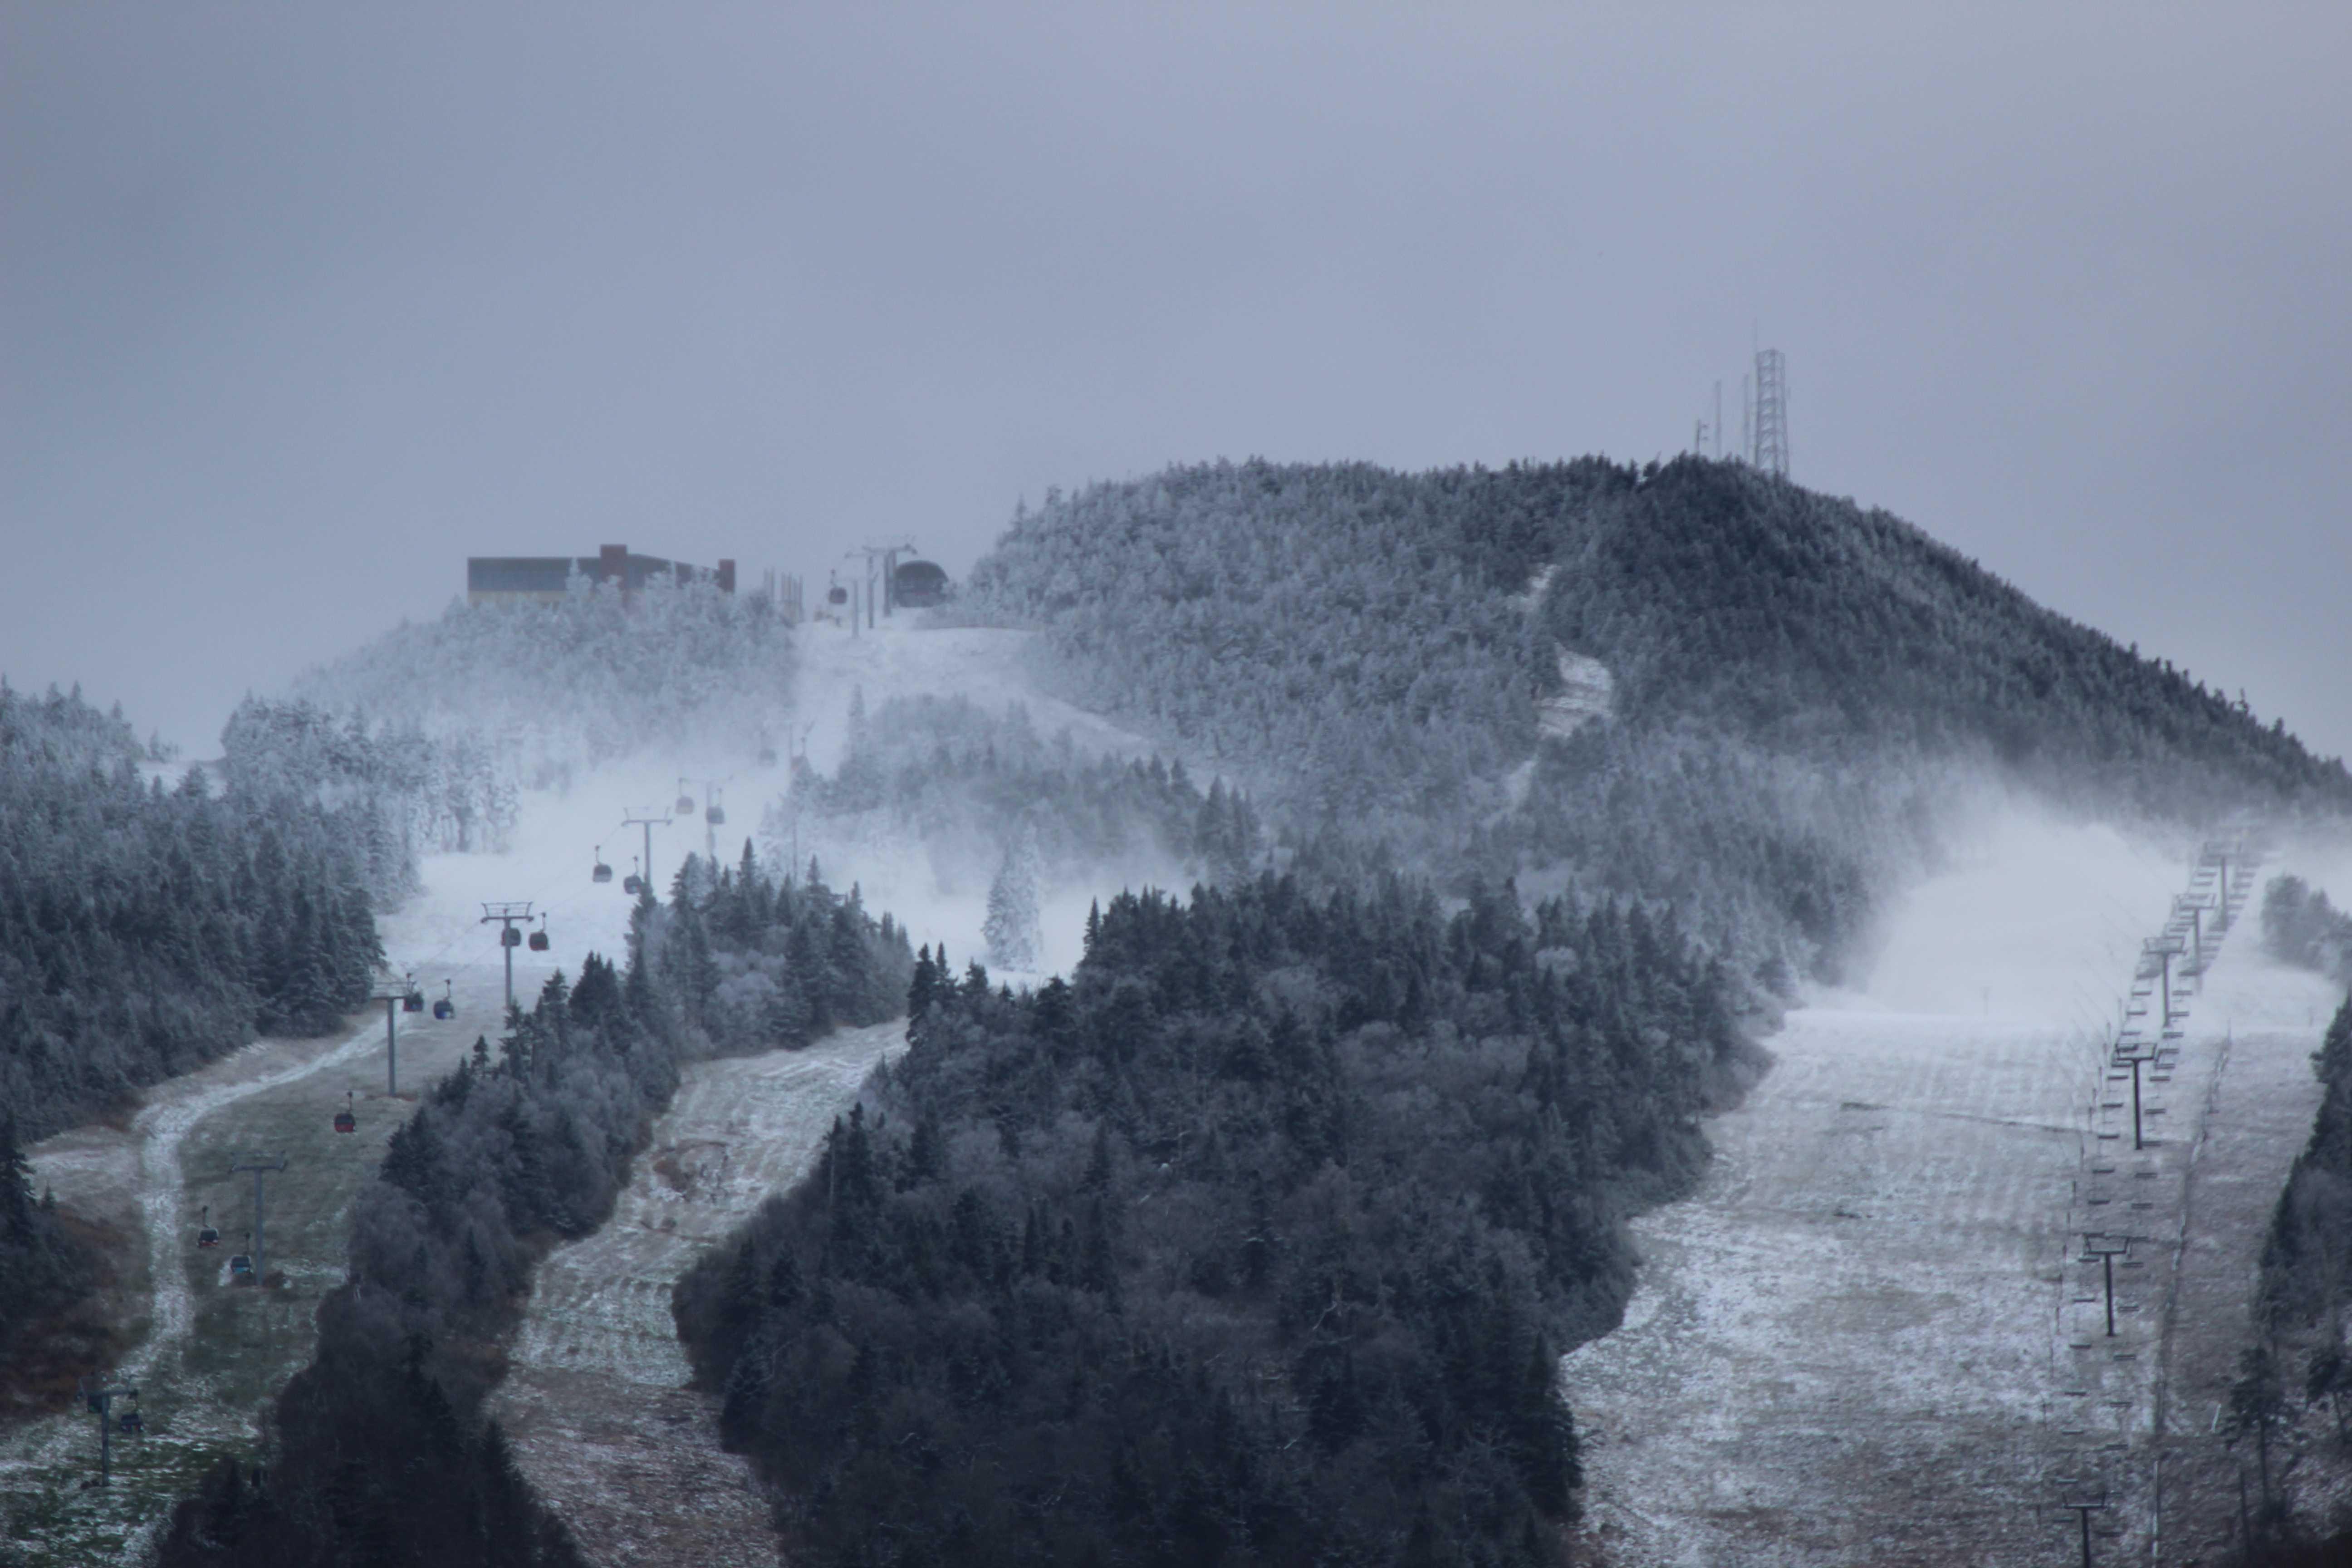 New York skier dies on trail at Vermont ski resort